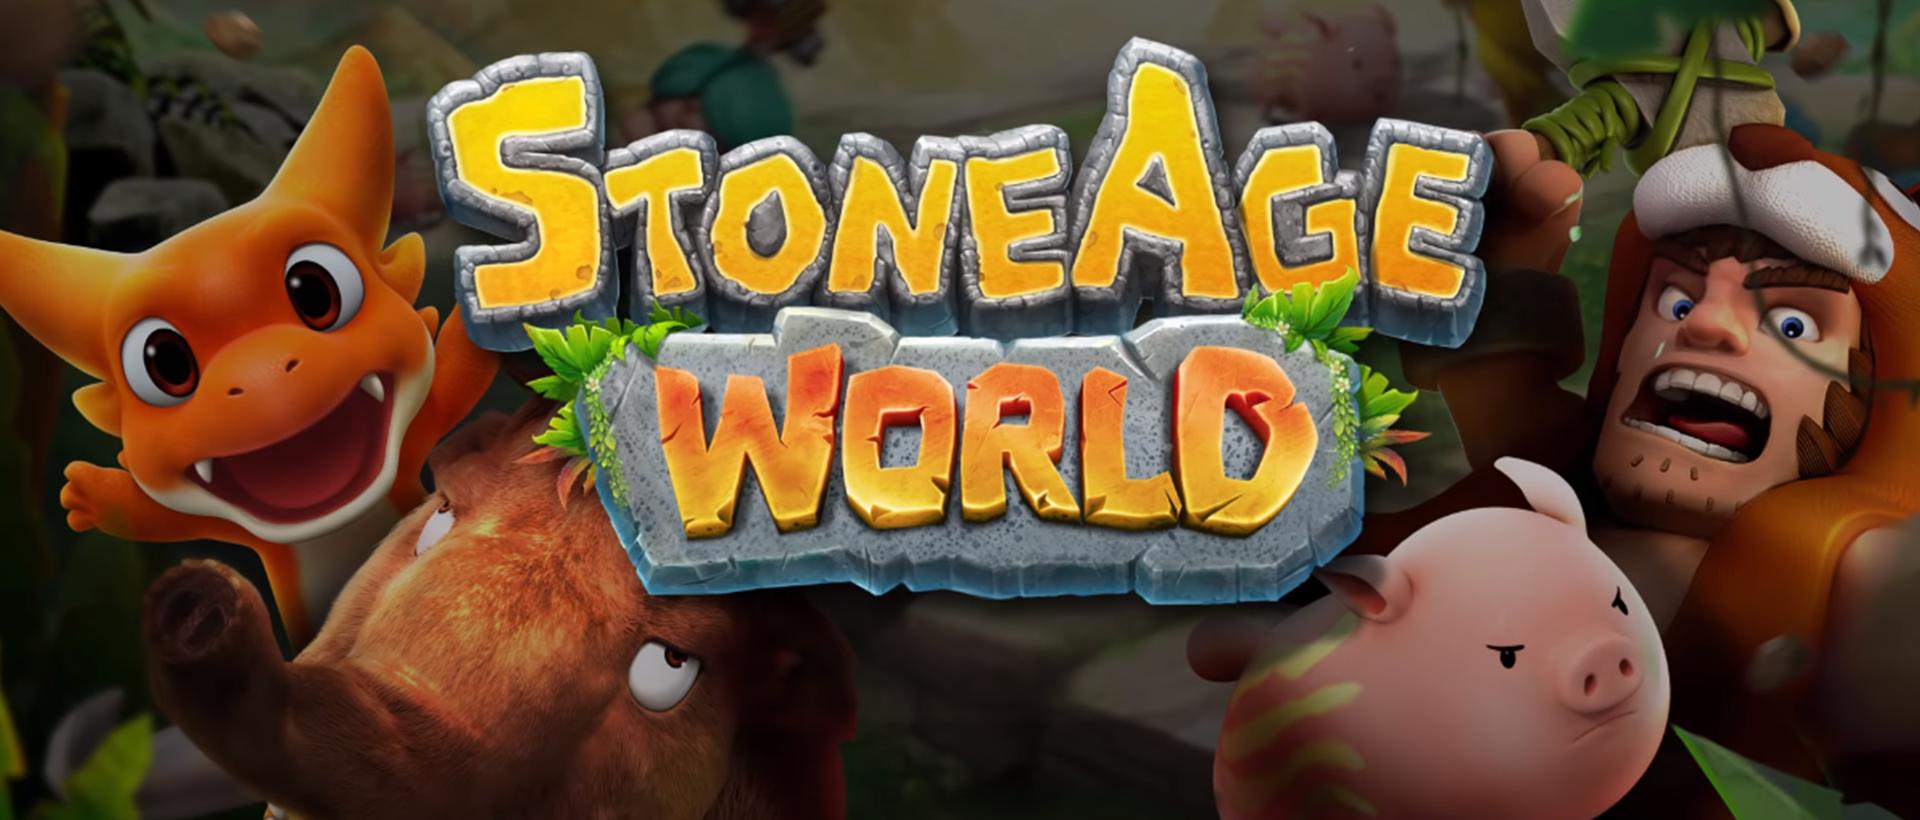 石器時代:世界